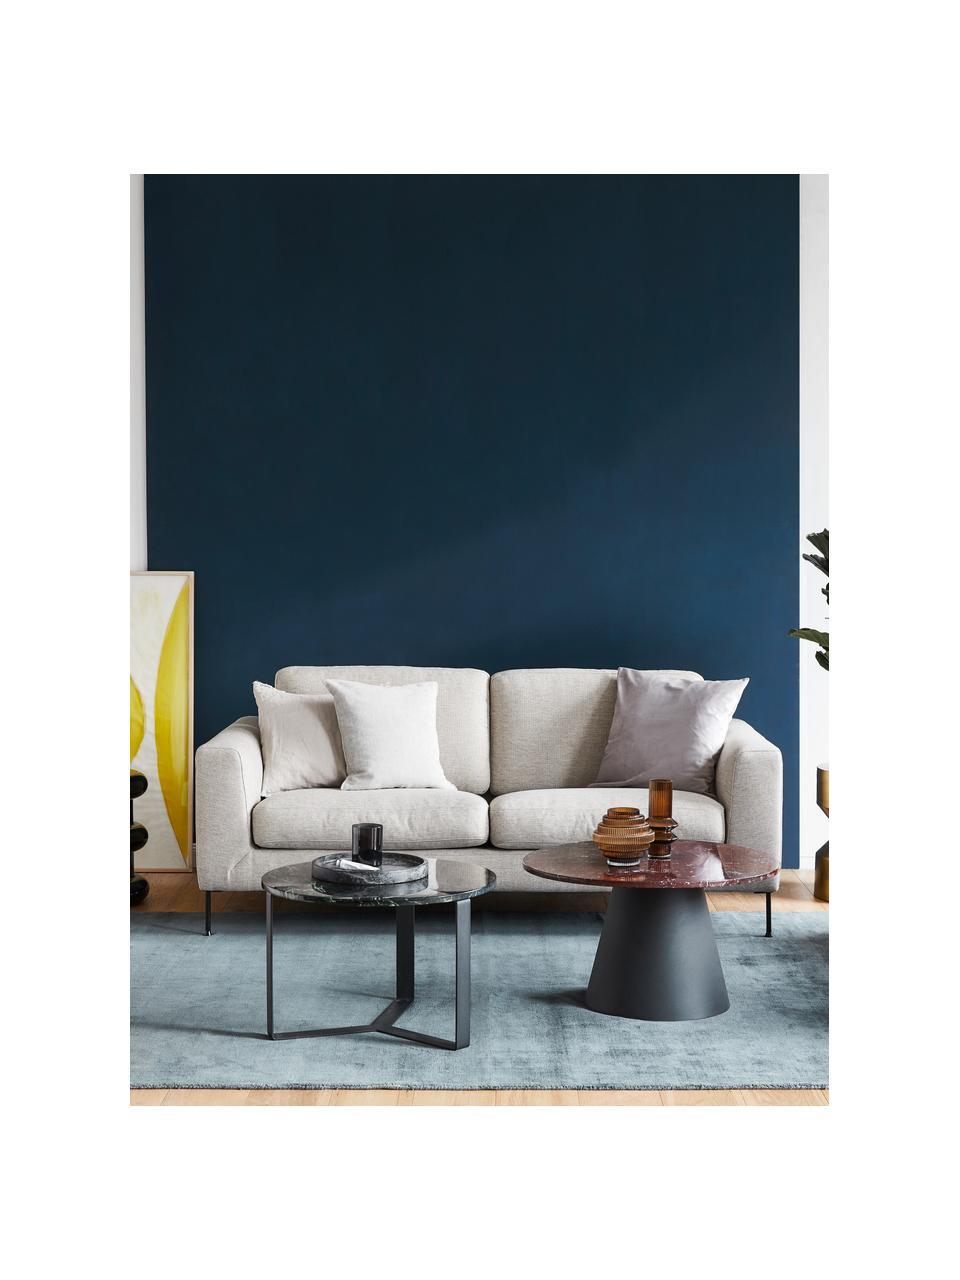 Sofa Cucita (2-Sitzer) in Beige mit Metall-Füßen, Bezug: Webstoff (Polyester) Der , Gestell: Massives Kiefernholz, Füße: Metall, lackiert, Webstoff Beige, B 187 x T 94 cm